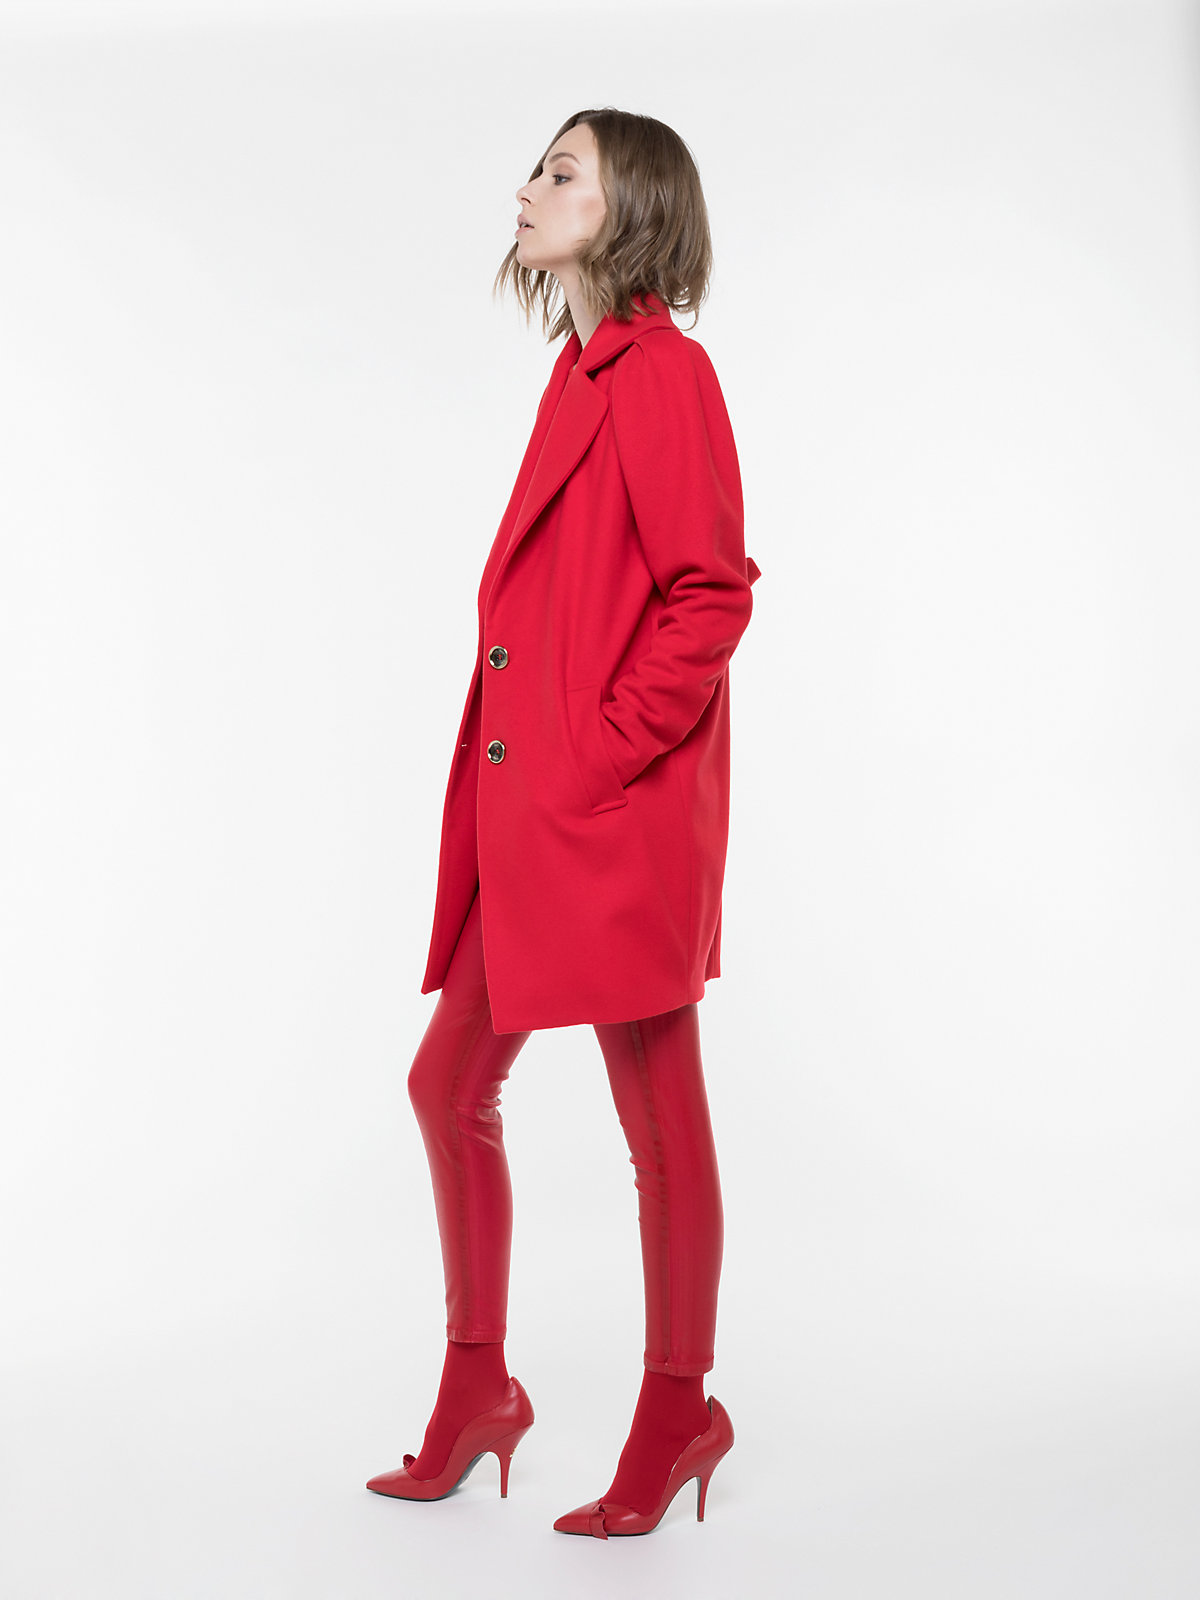 9bbda1d6d5ee Cappotto rosso in lana e cashmere Patrizia Pepe a 548 euro